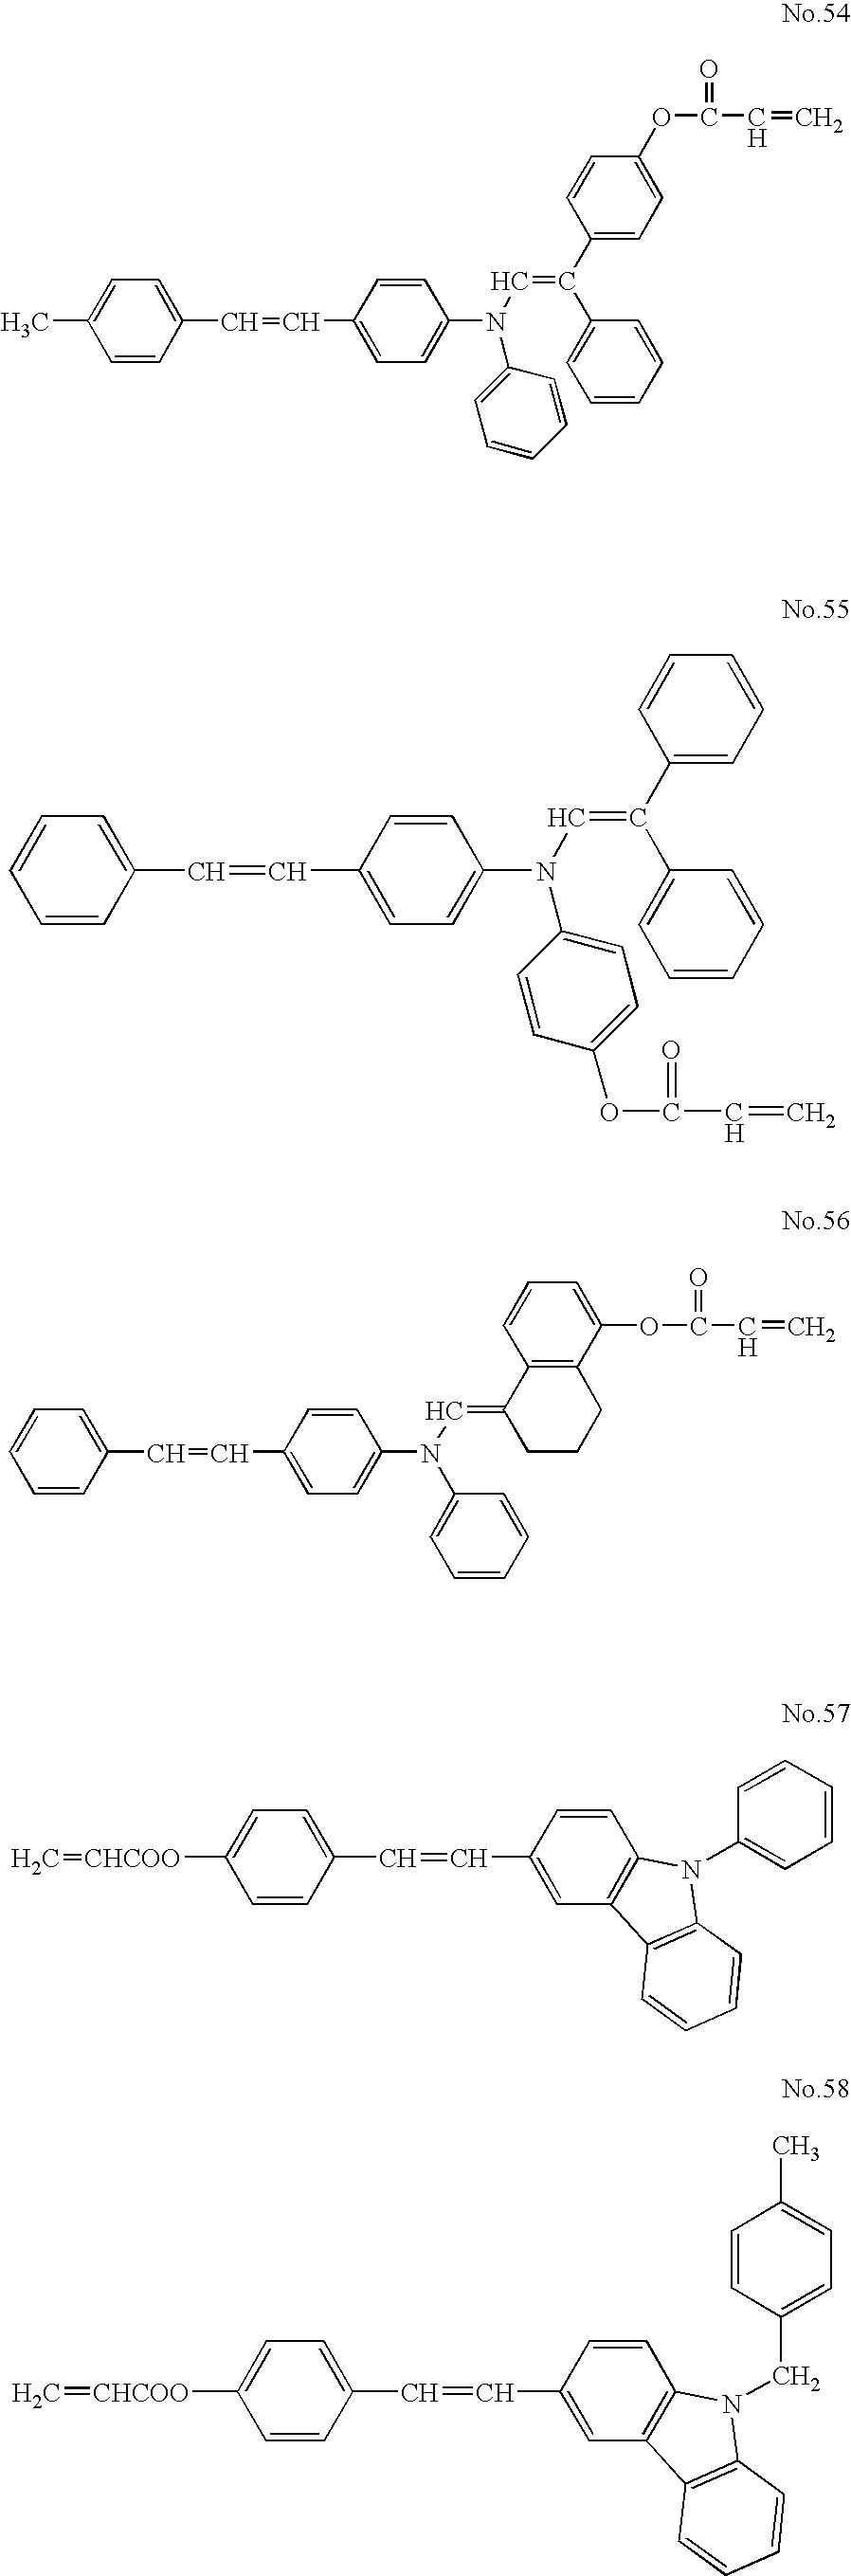 Figure US07507509-20090324-C00017